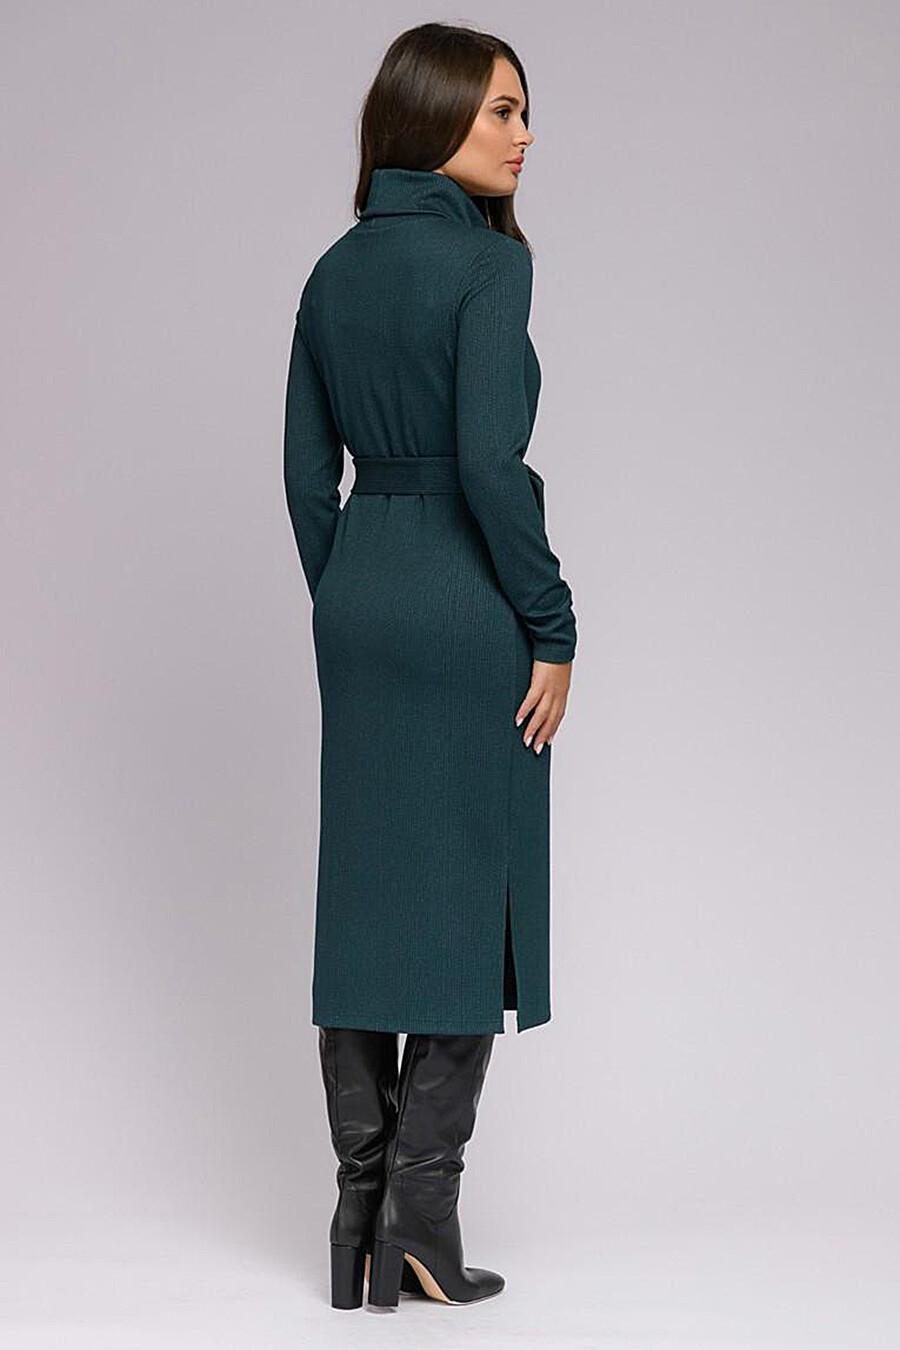 Платье для женщин 1001 DRESS 161384 купить оптом от производителя. Совместная покупка женской одежды в OptMoyo